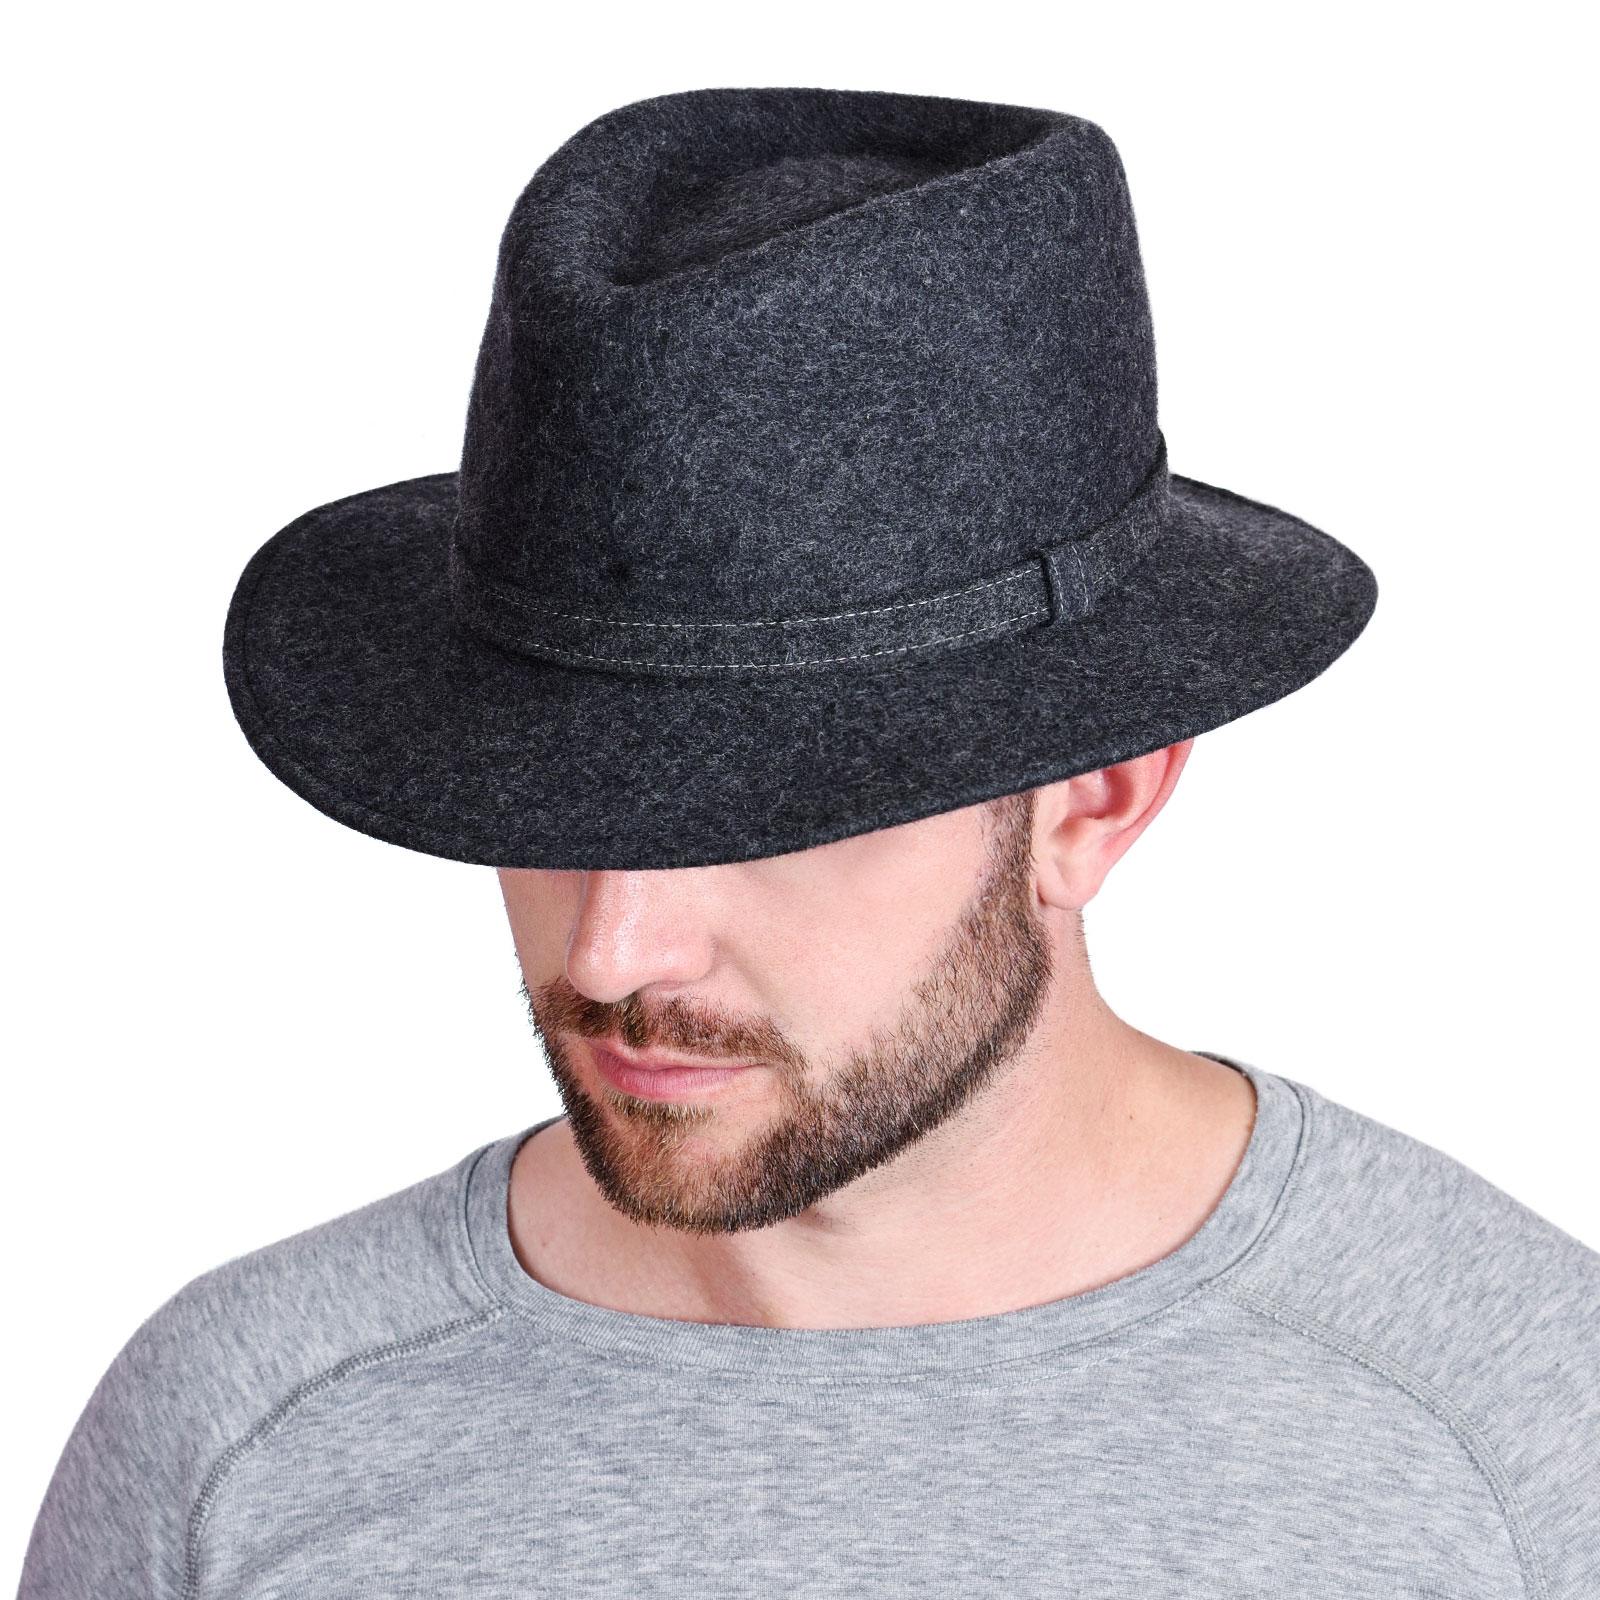 CP-01017-VH16-P-chapeau-homme-gris-feutre-laine